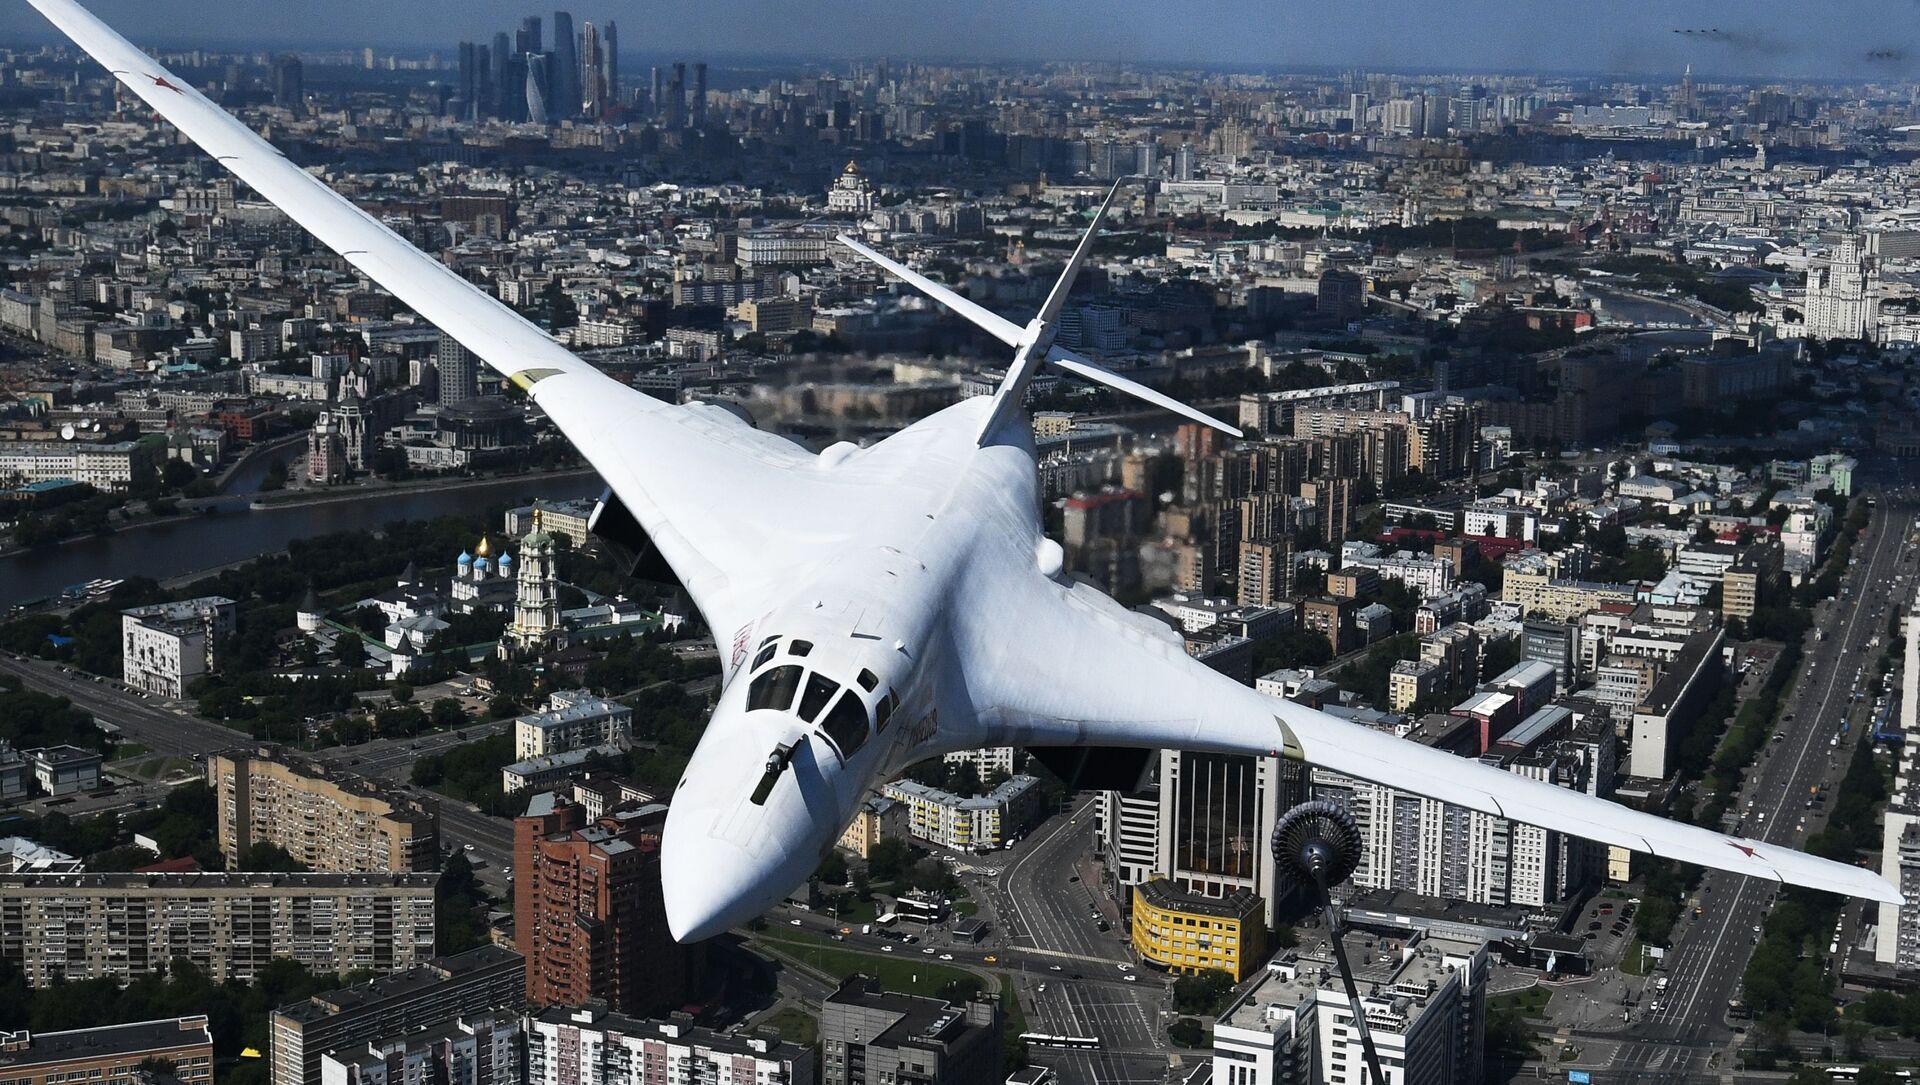 Strategický bombardér Tu-160 nad Moskvou - Sputnik Česká republika, 1920, 13.01.2021